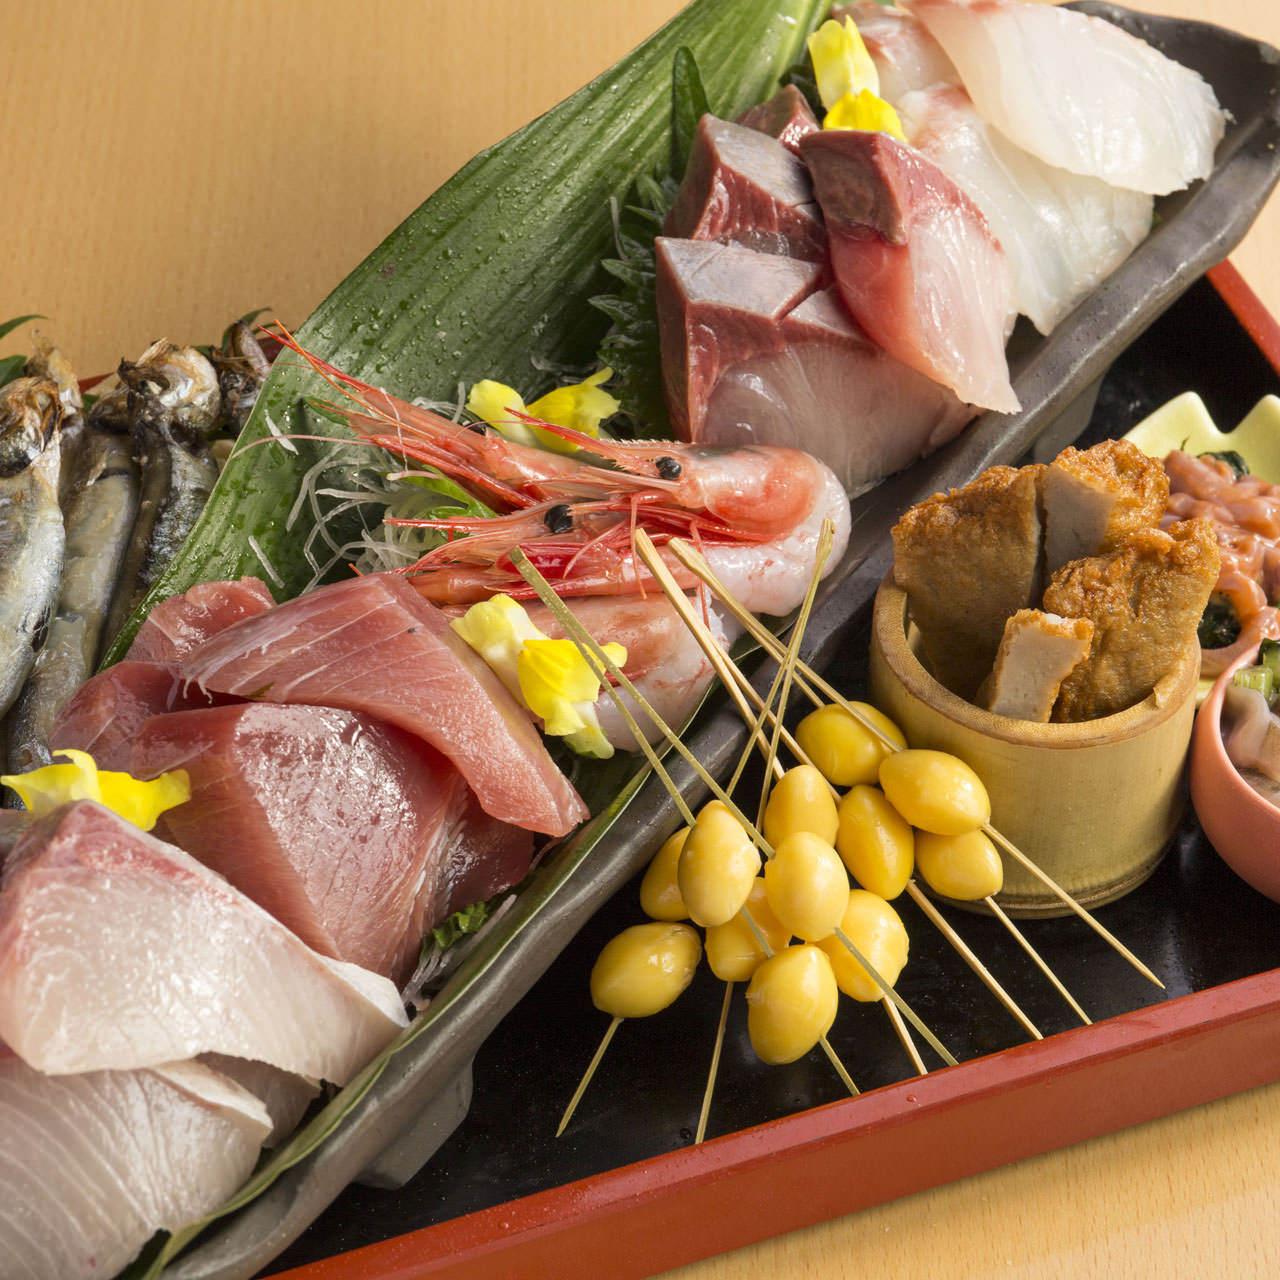 【個室確約】お席2.5H+100分飲み放題付!まぐろのほほ肉煮付け含む全8品『本鮪と天麩羅コース』5,000円